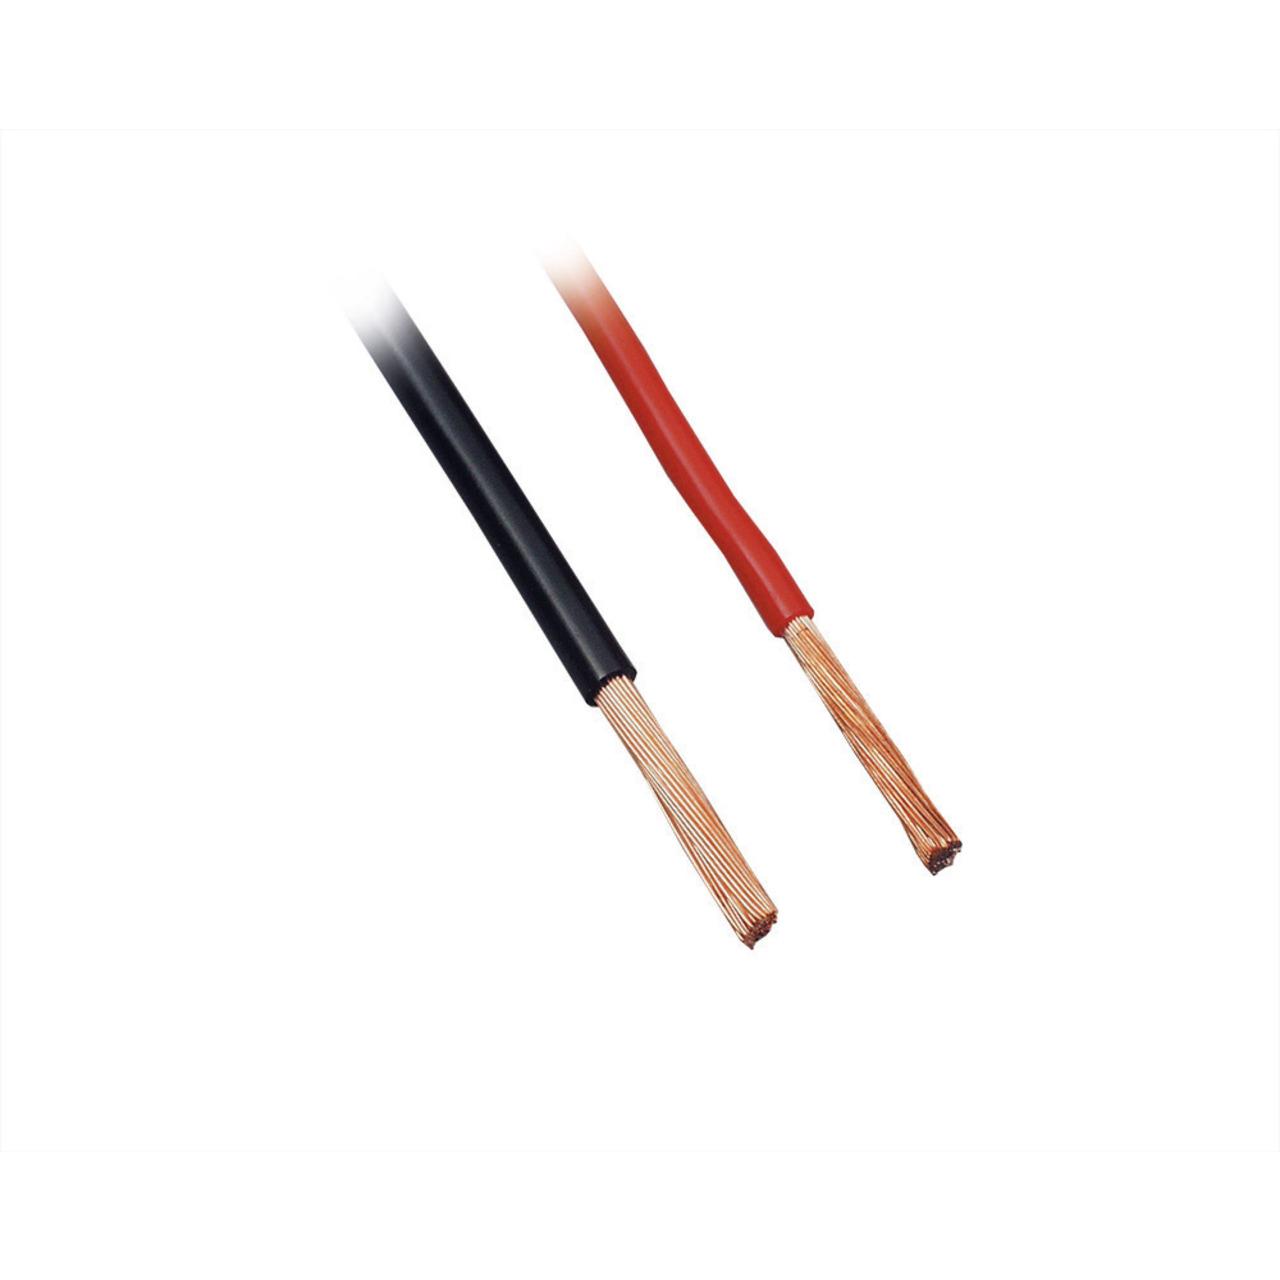 BKL Electronic FLRY Fahrzeugleitung- - 1-70 mm / 2-40 mm² (1 x 1-50 mm²)- schwarz- 25m Ring